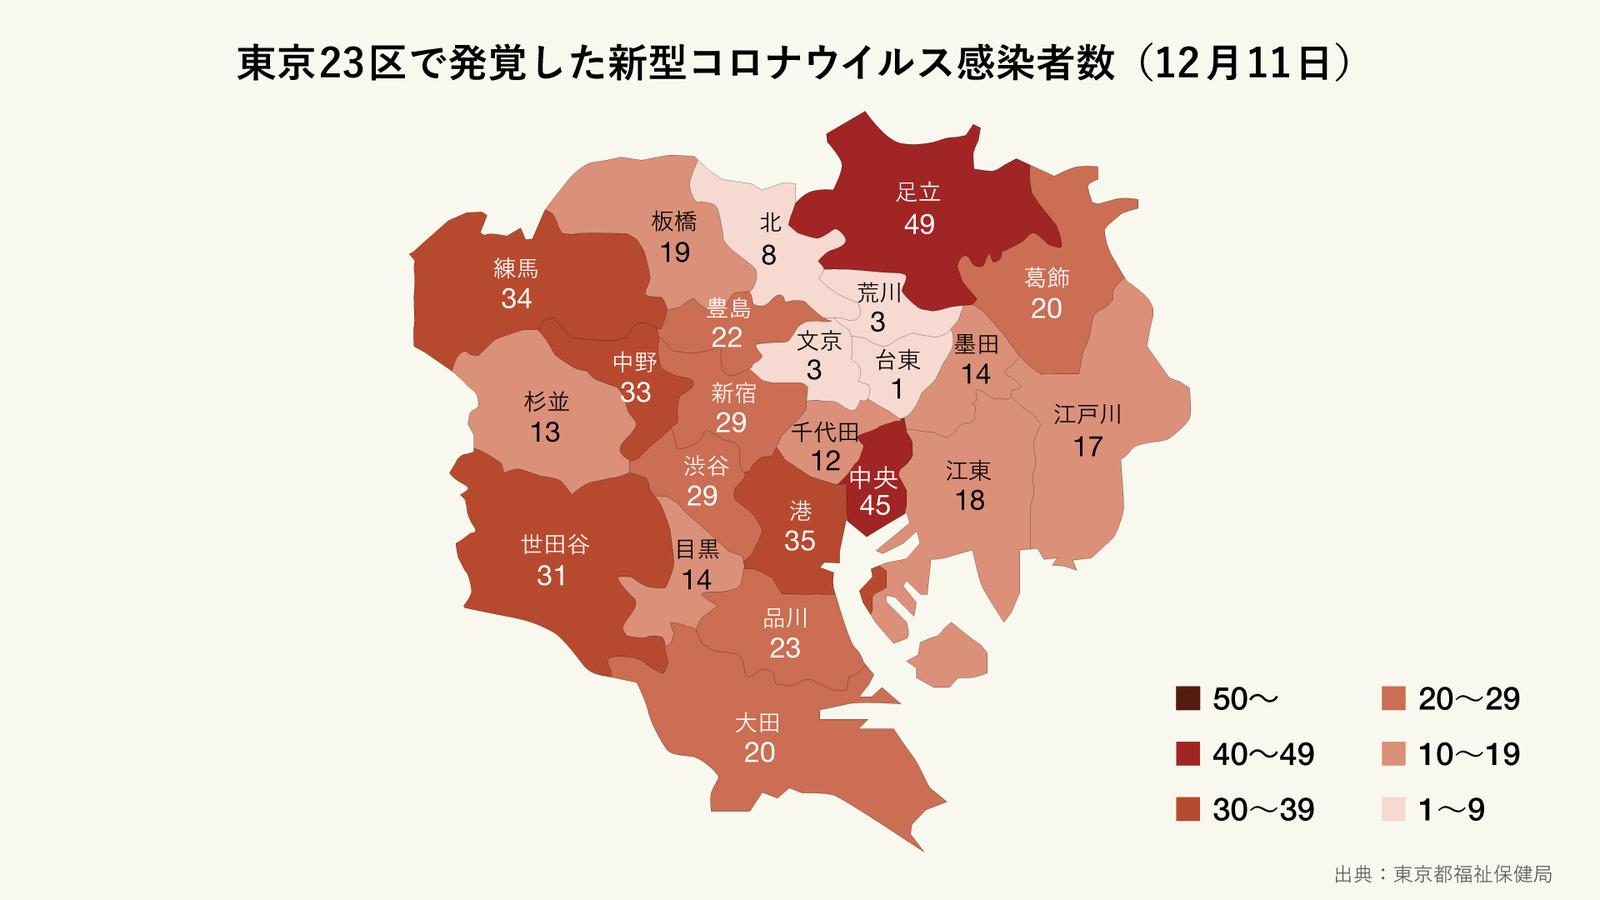 12月11日に発覚した東京23区の区ごとの新型コロナウイルス感染者数(マップ)